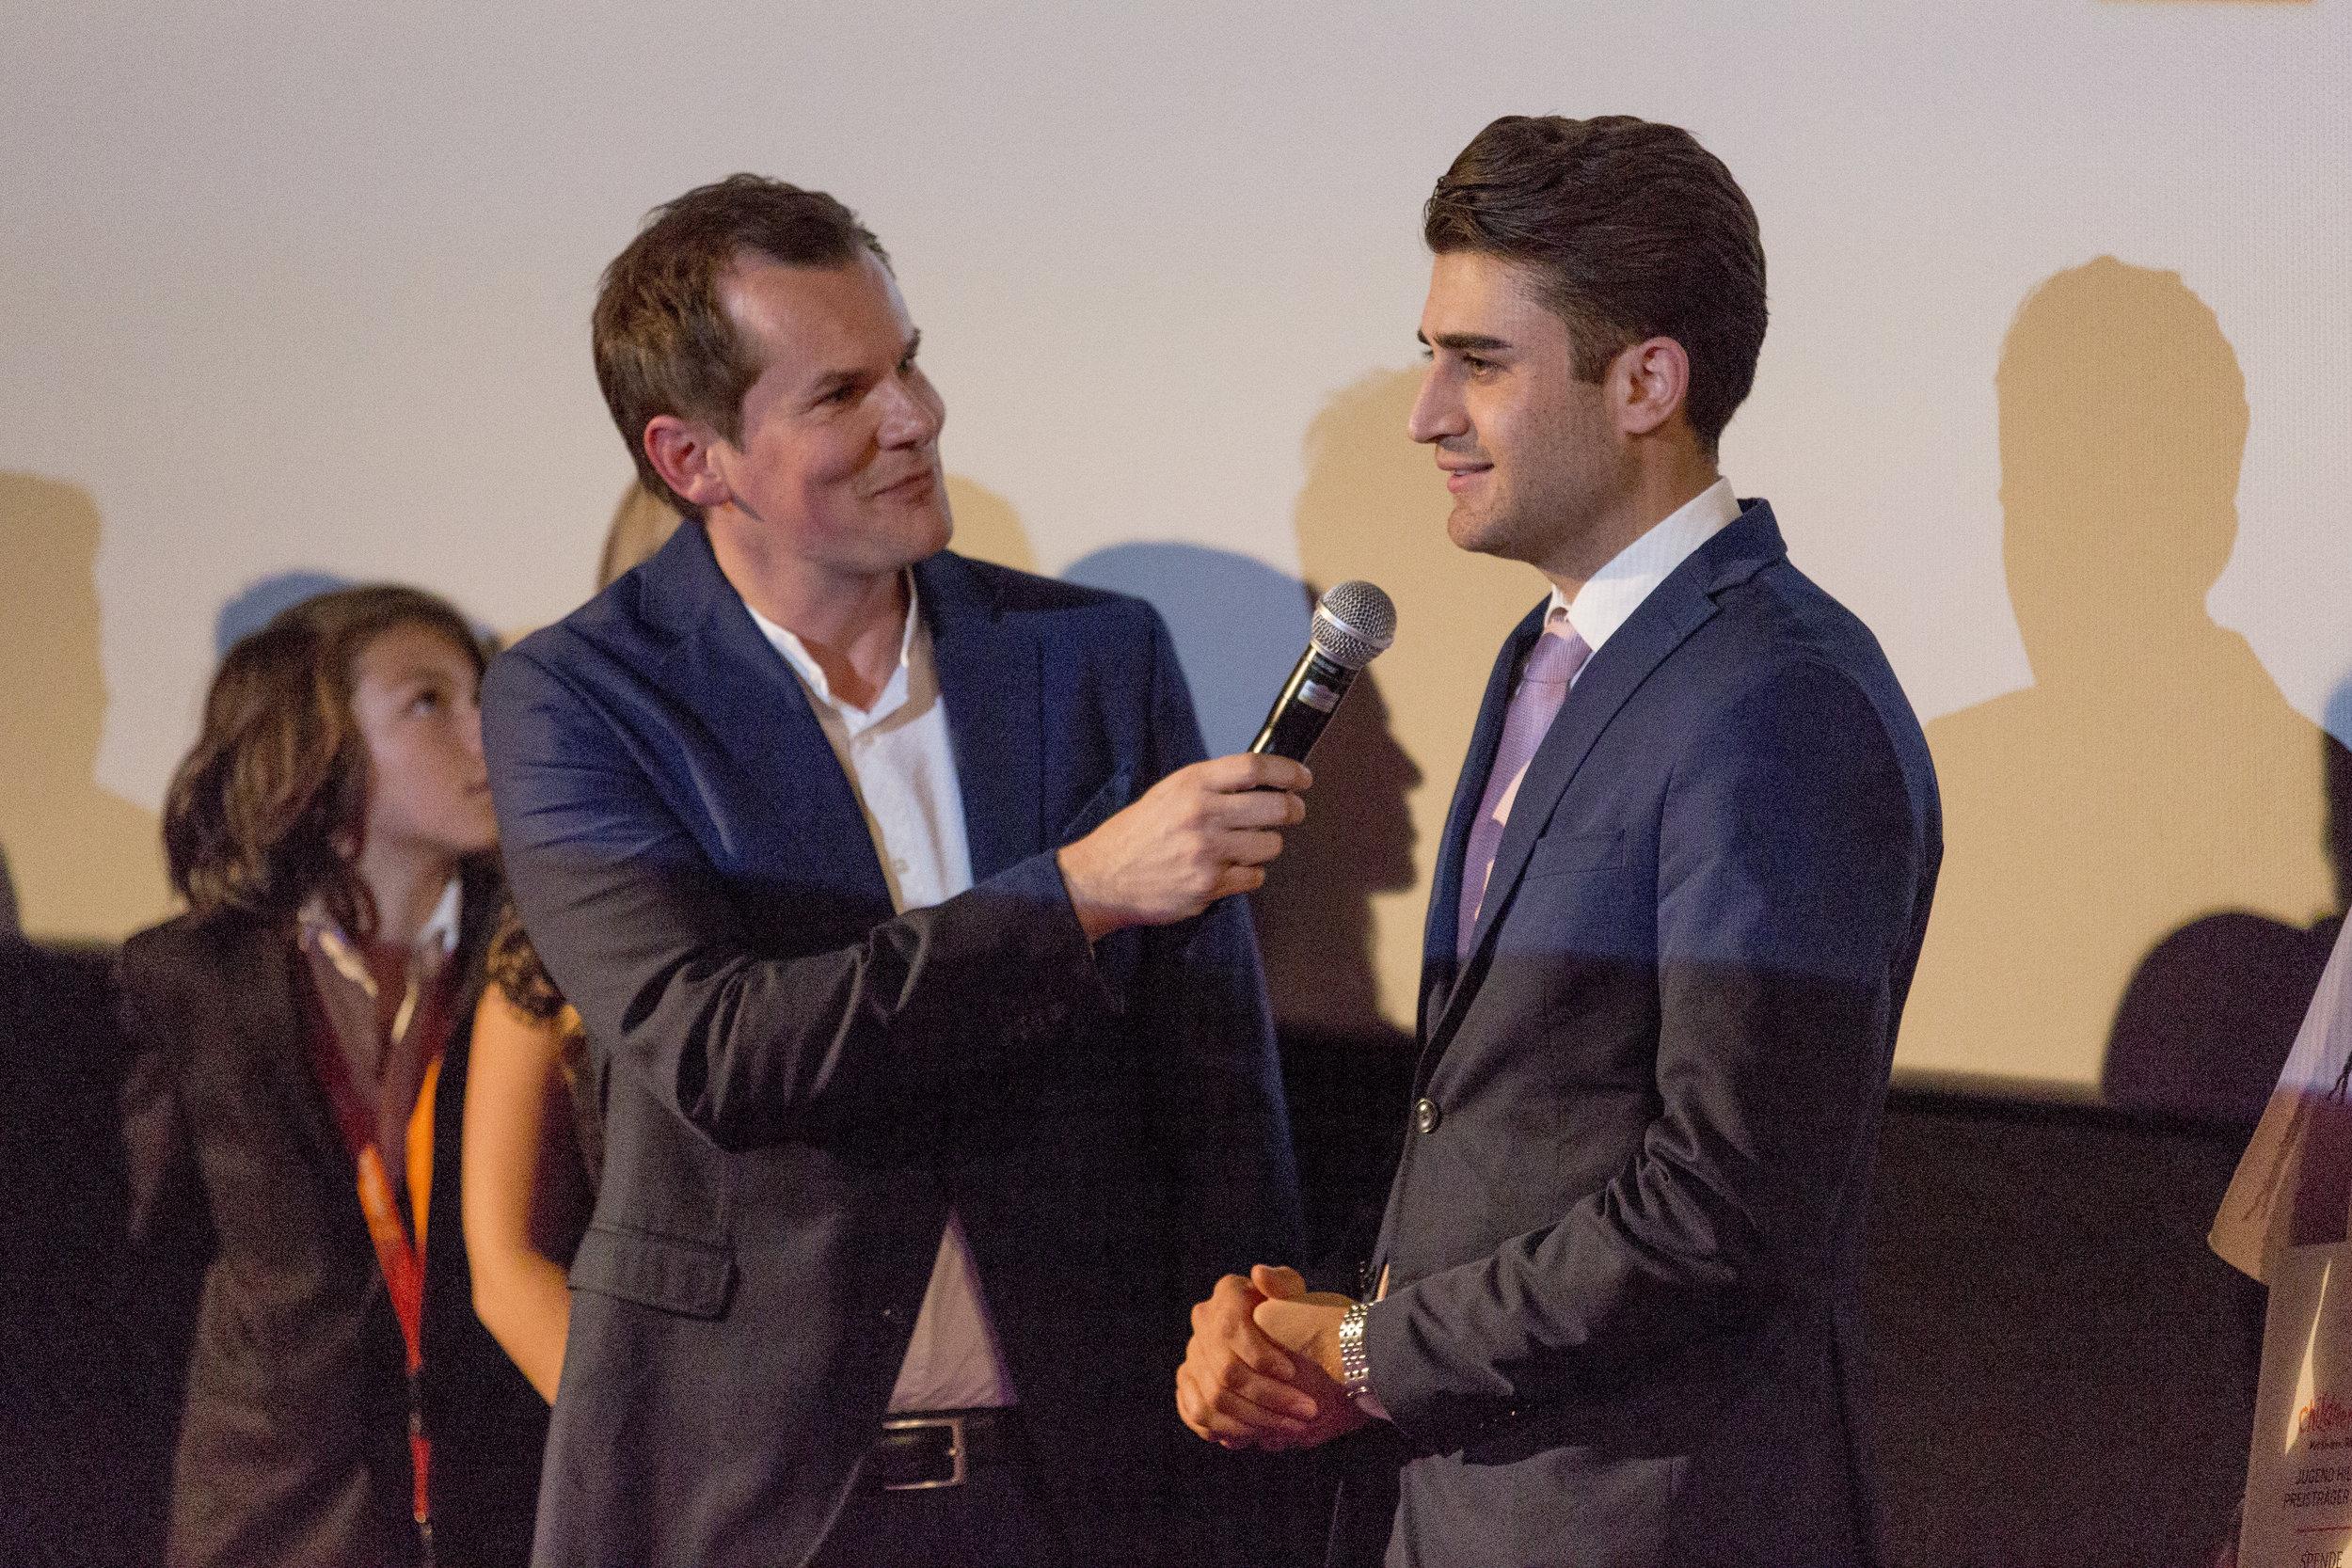 CHILDREN Jugend hilft! (soziales Engagement): Ein Jugendlicher wird von dem Moderator Malte Arkona interviewt